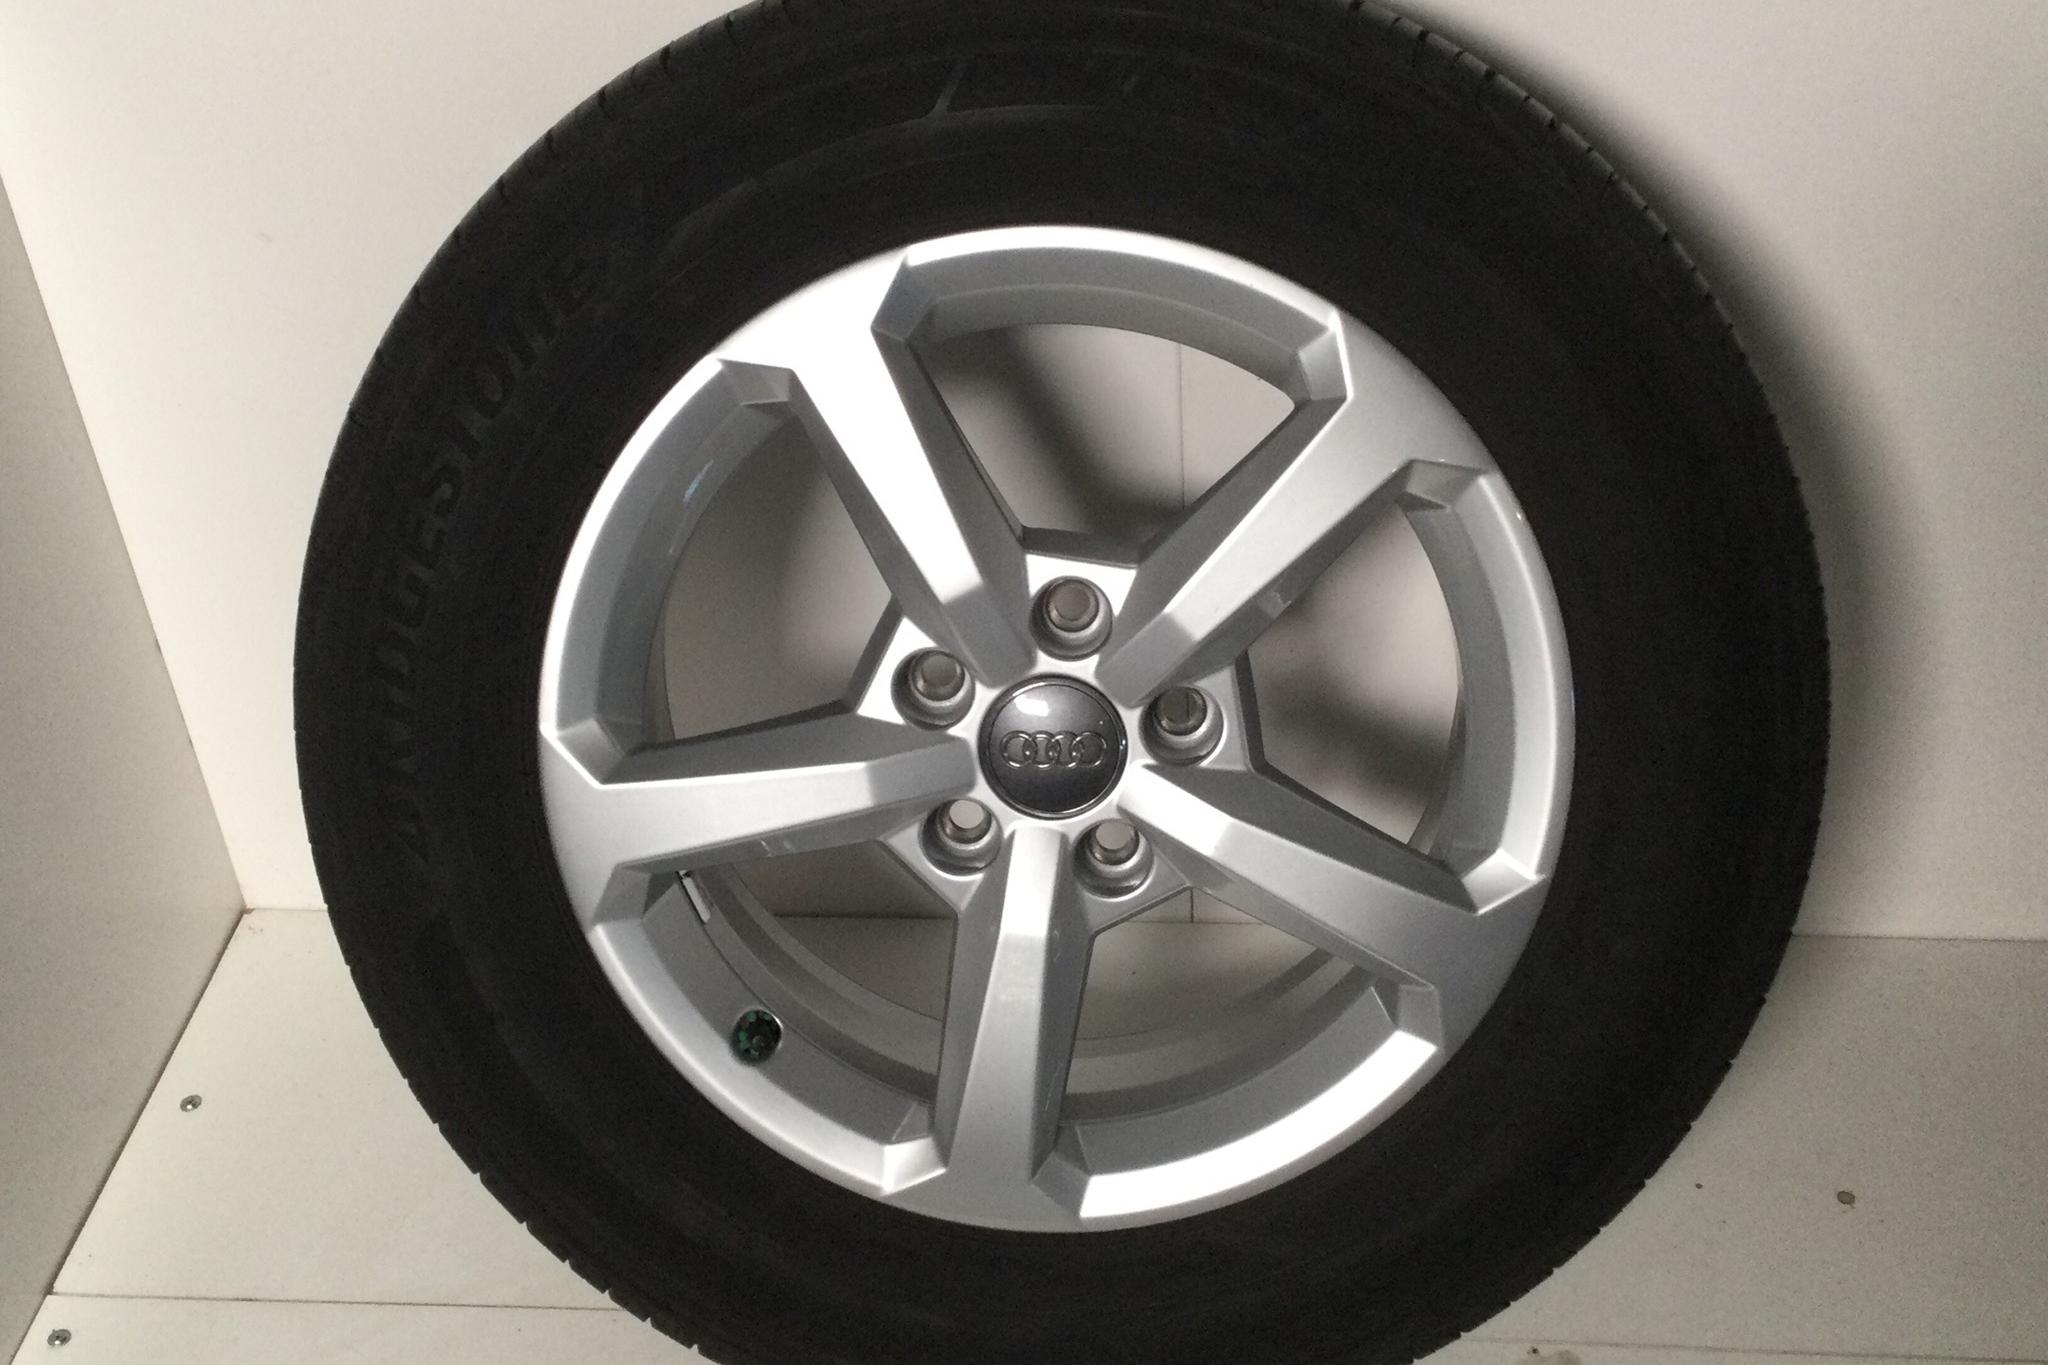 Audi Q2 1.6 TDI (116hk) - 5 653 mil - Manuell - svart - 2018